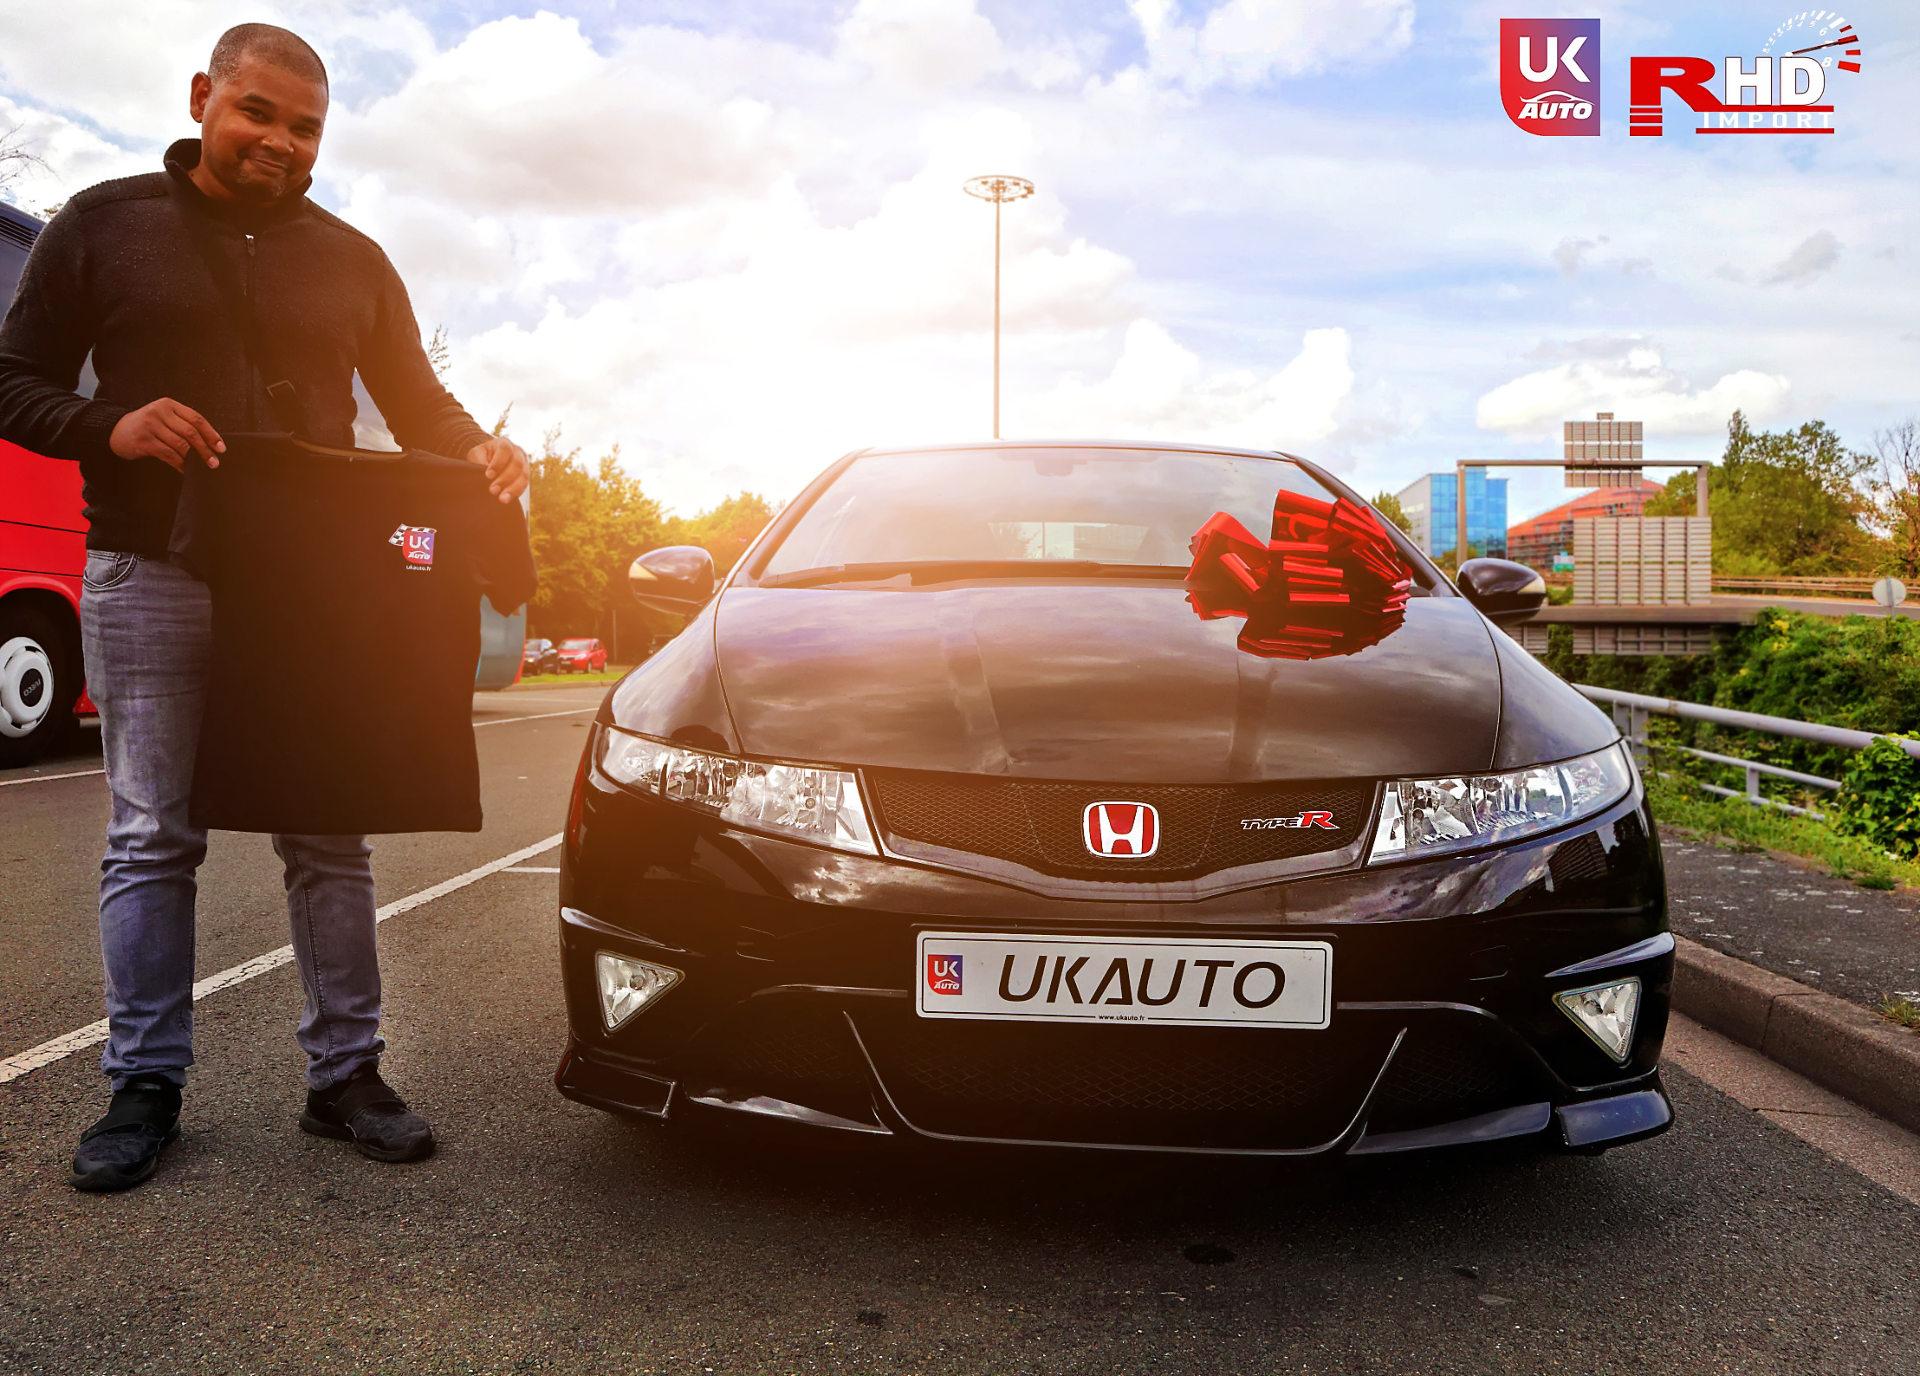 Honda Civic Type R FN2 rhd pack gt nissan uk nissan angleterre nissan royaume uni ukauto3 DxO - ACHAT AUTO HONDA CIVIC TYPE R FN2 POUR FREDERIC ACHAT AVANT LE BREXIT PAR NOTRE CLIENT